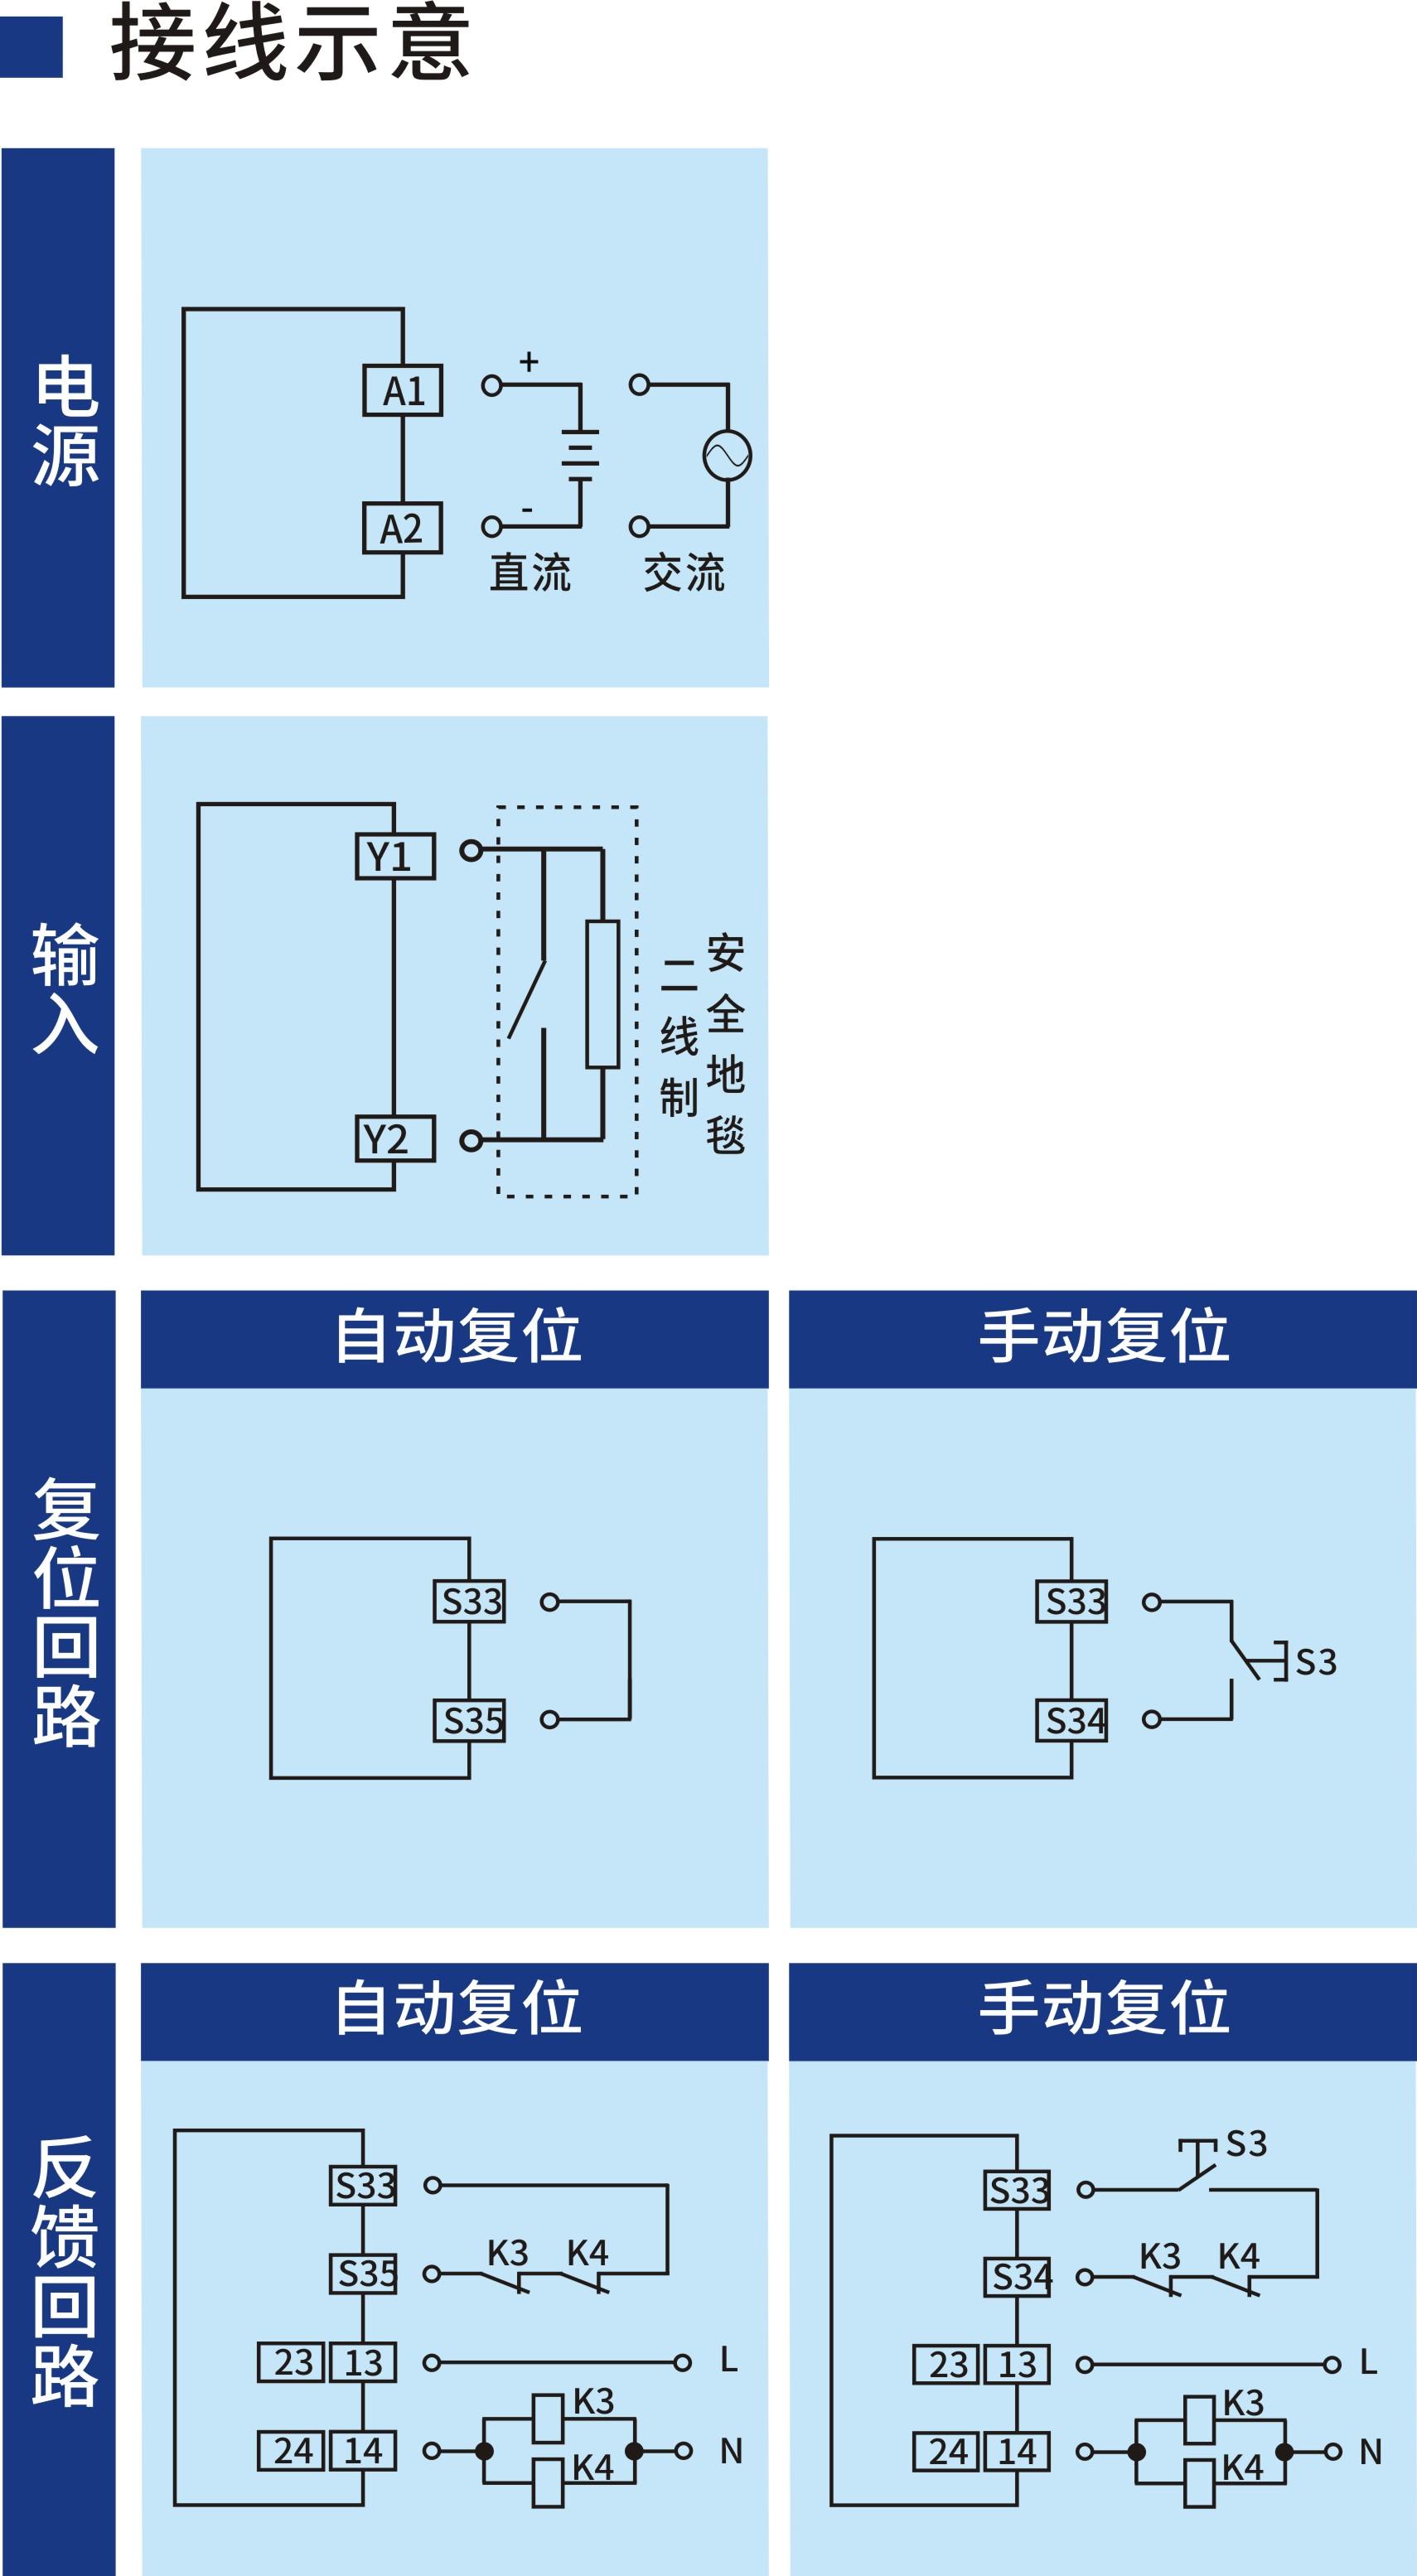 开关型安全设备输入 (两线制安全地毯 24V DC/AC 2NO+2NC 通用复位)